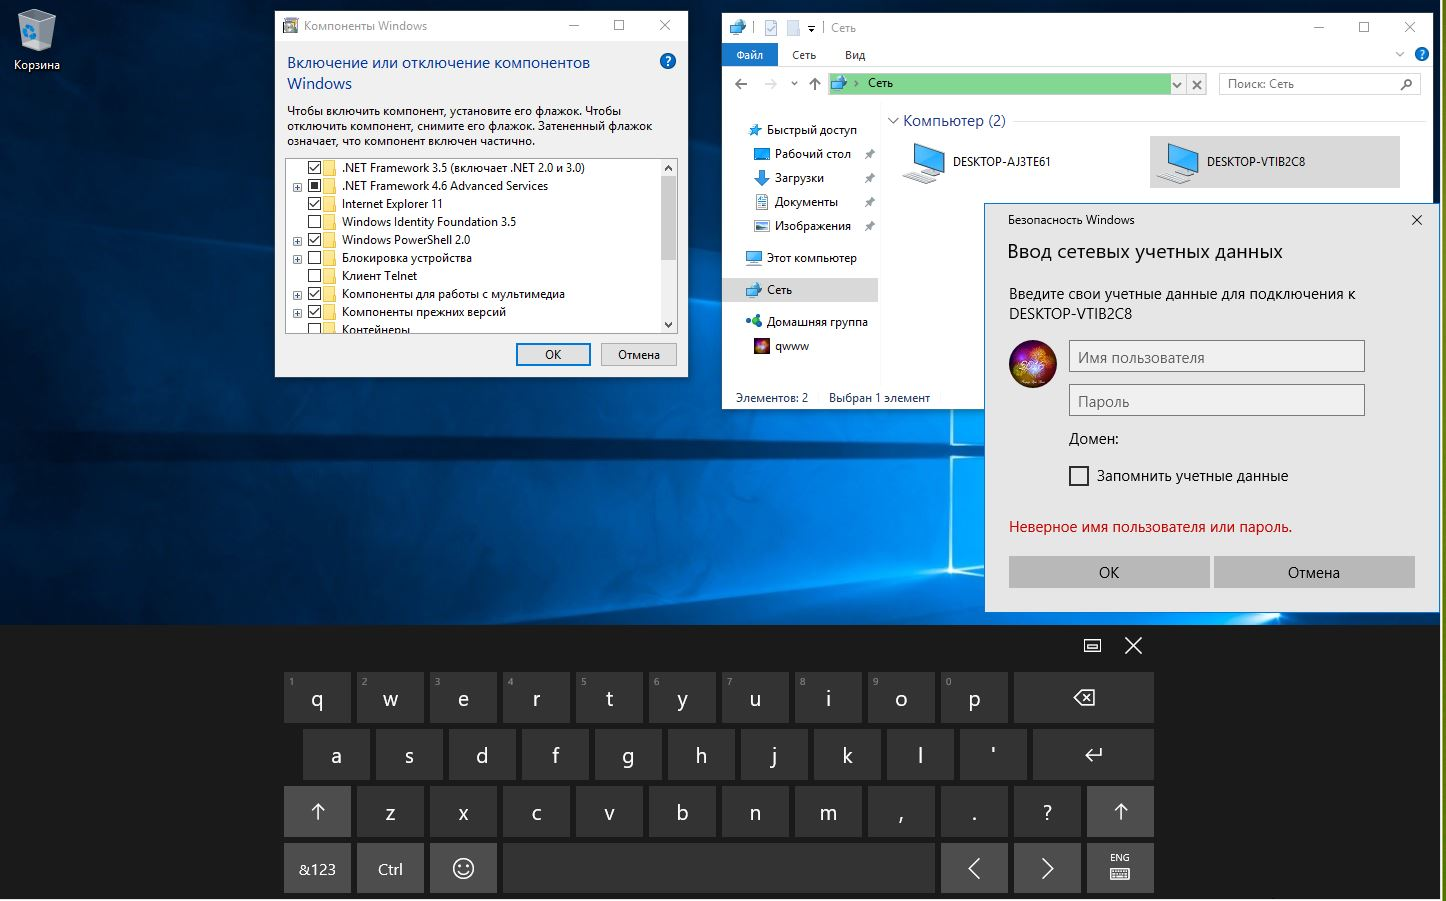 Скачать Windows 10 X64 С Торрента С Ключом